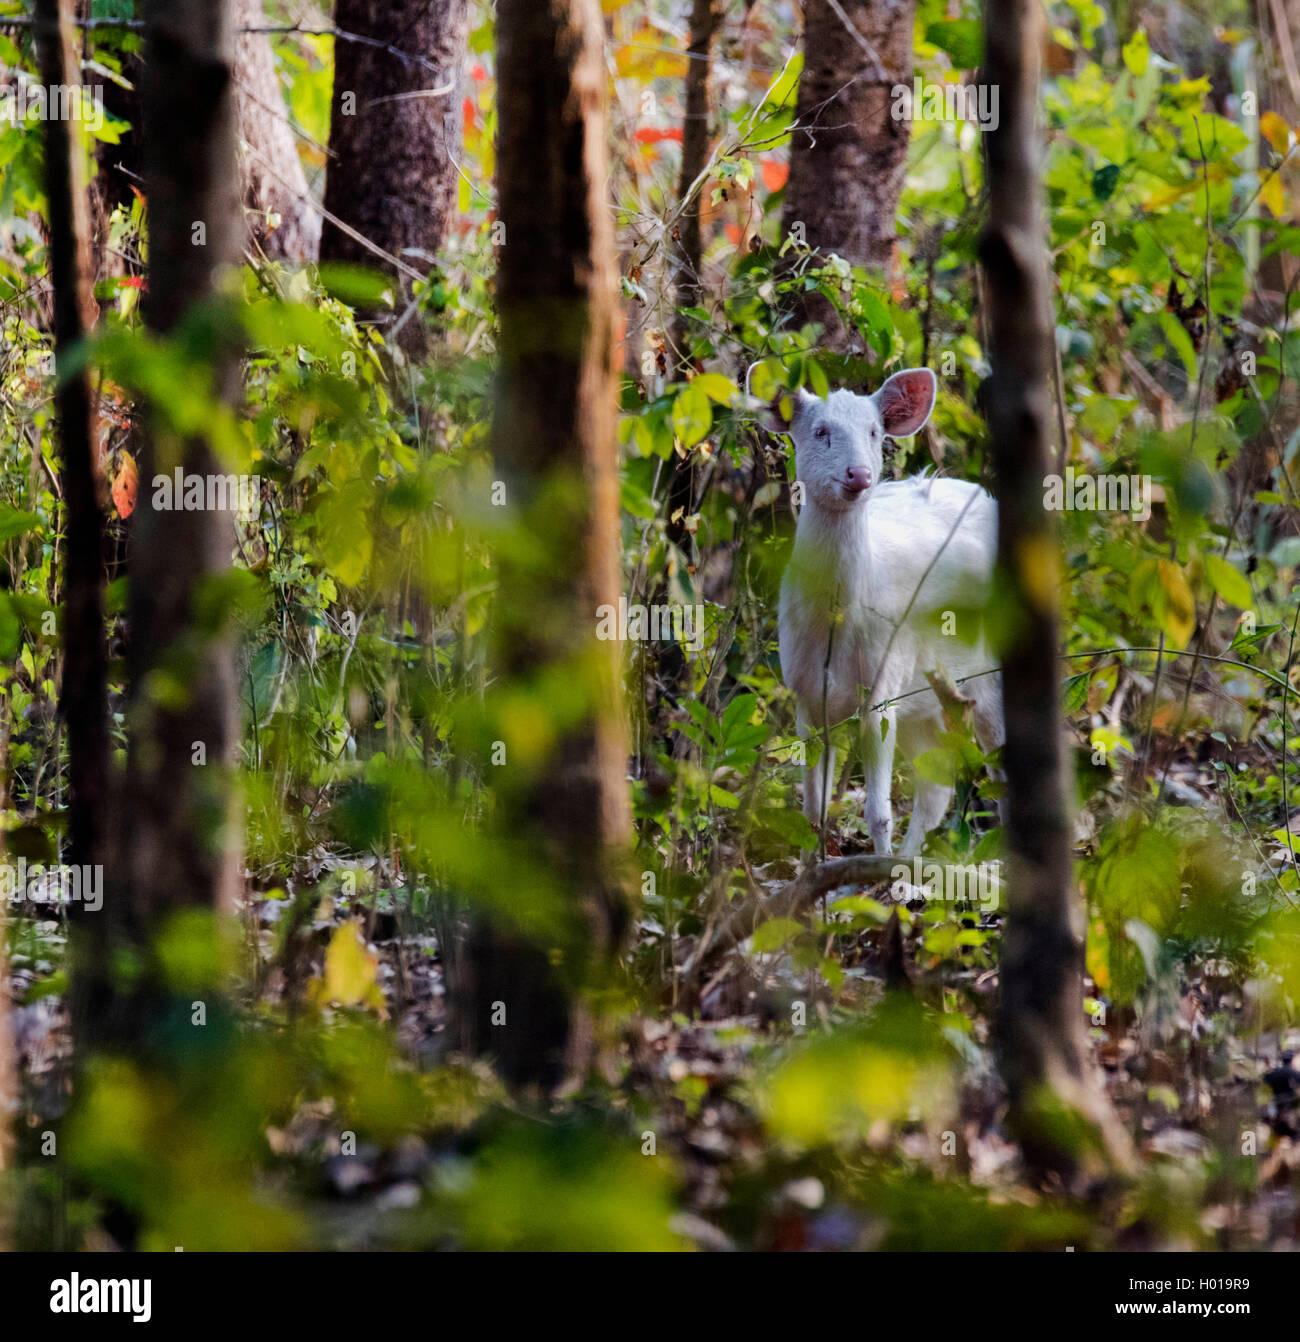 Schweinshirsch, Schweins-Hirsch (Axis porcinus, Hyelaphus porcinus), im Wald, Indien, Assam, Kaziranga Nationalpark Stock Photo